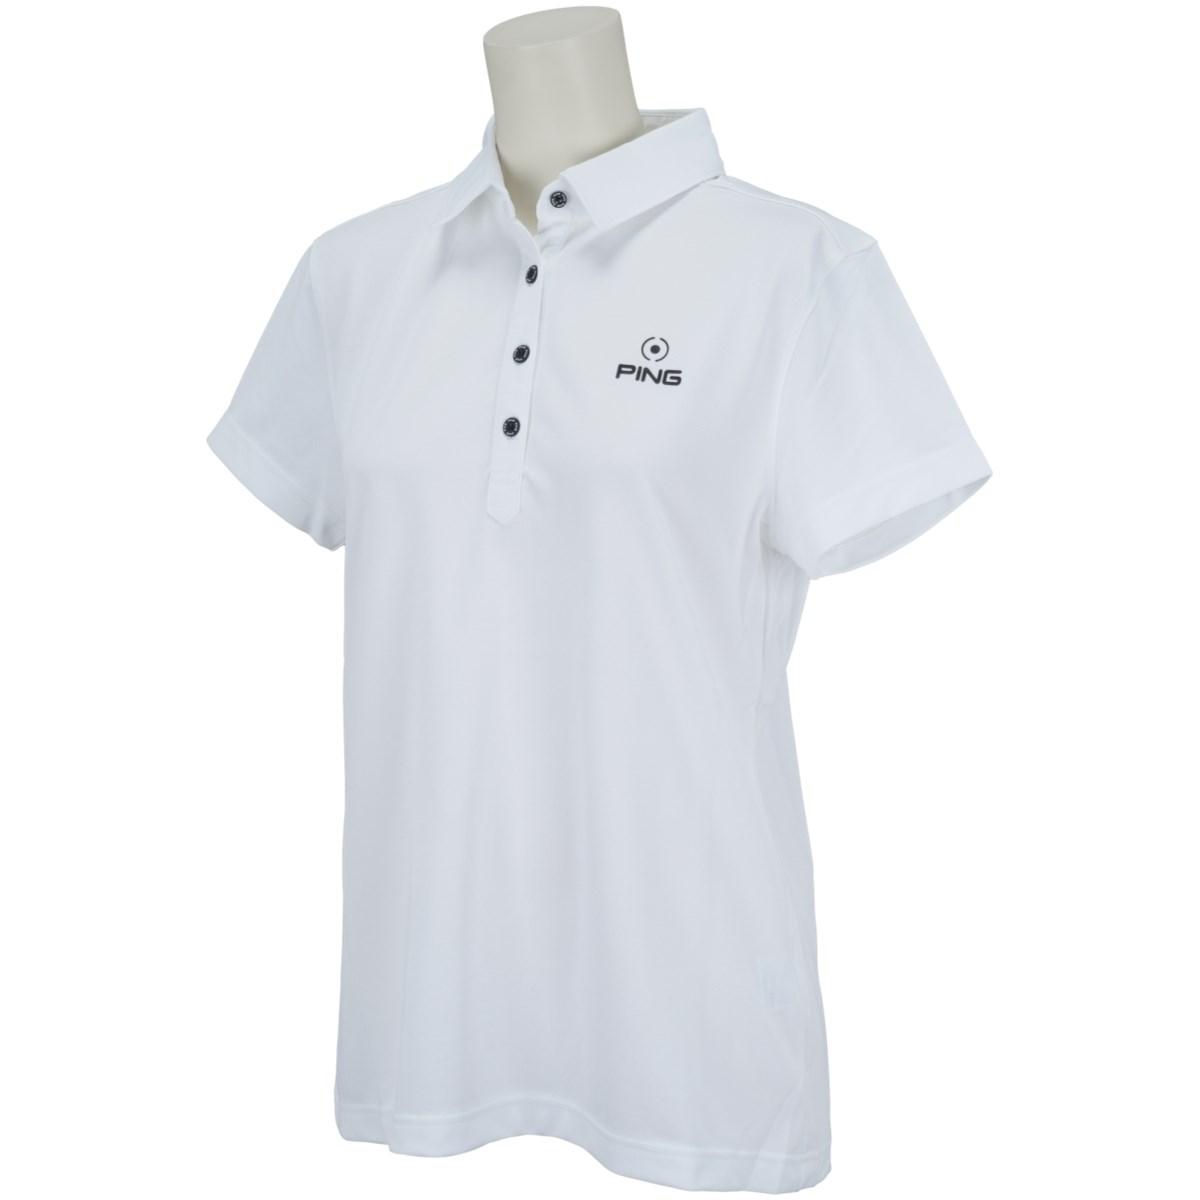 ピン PING 半袖ポロシャツ S ホワイト 030 レディス